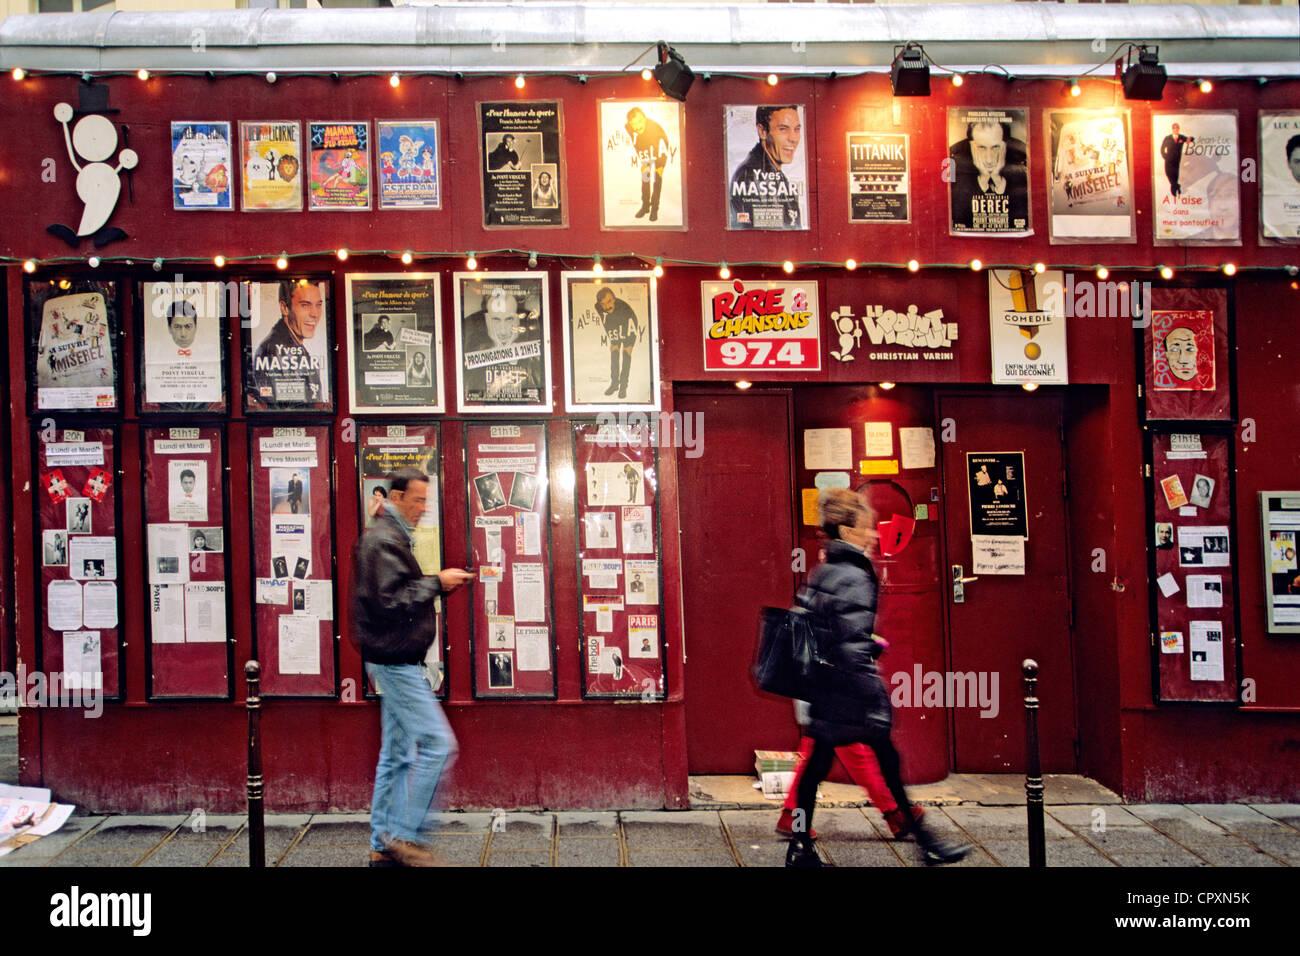 France, Paris, Le Marais District, Le Point Virgule Theatre in Rue Sainte Croix de la Bretonnerie - Stock Image